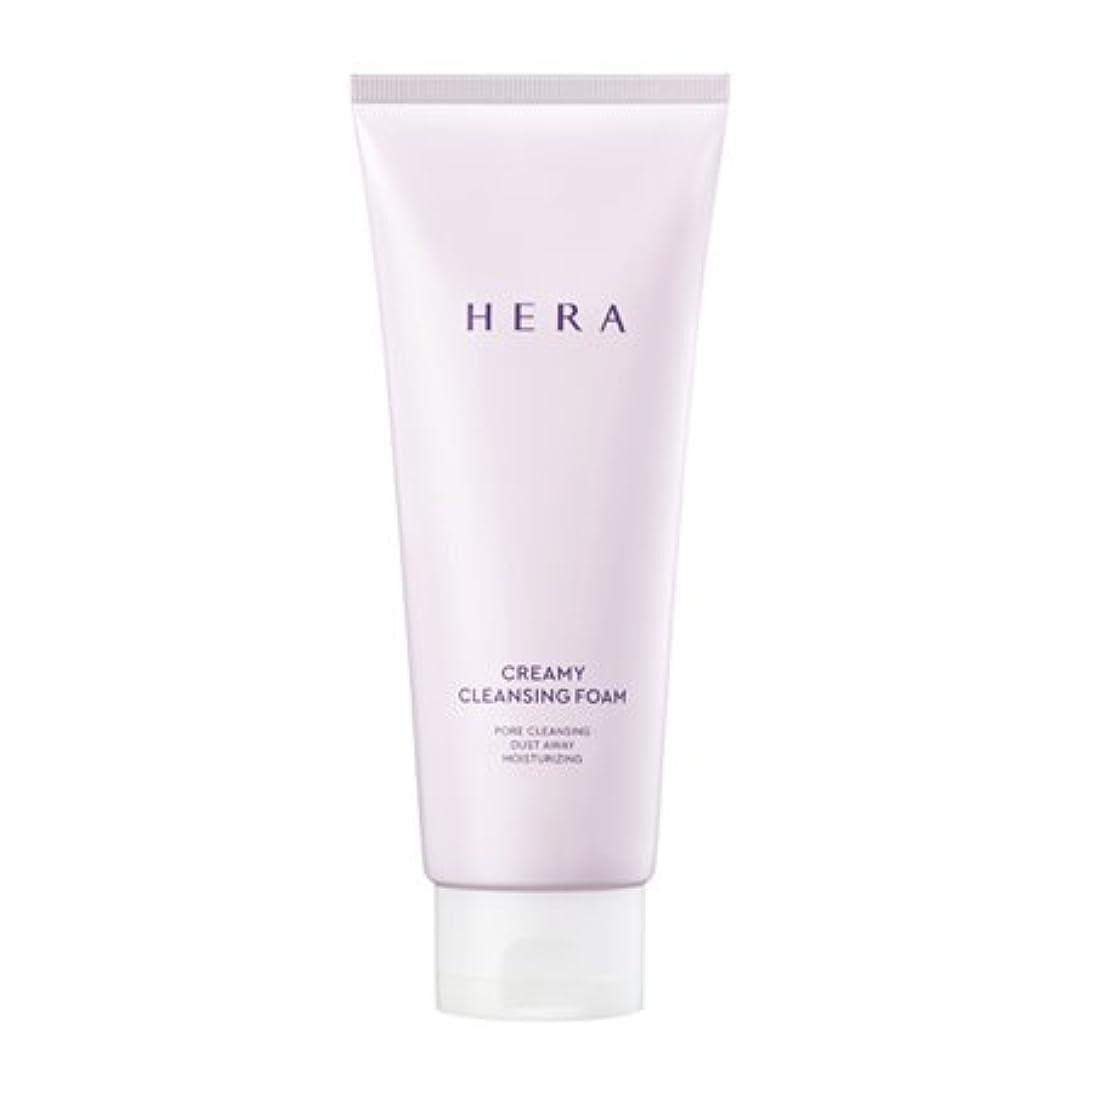 器用財団疲労HERA Creamy Cleansing Foam 200ml/ヘラ クリーミー クレンジングフォーム 200ml [並行輸入品]